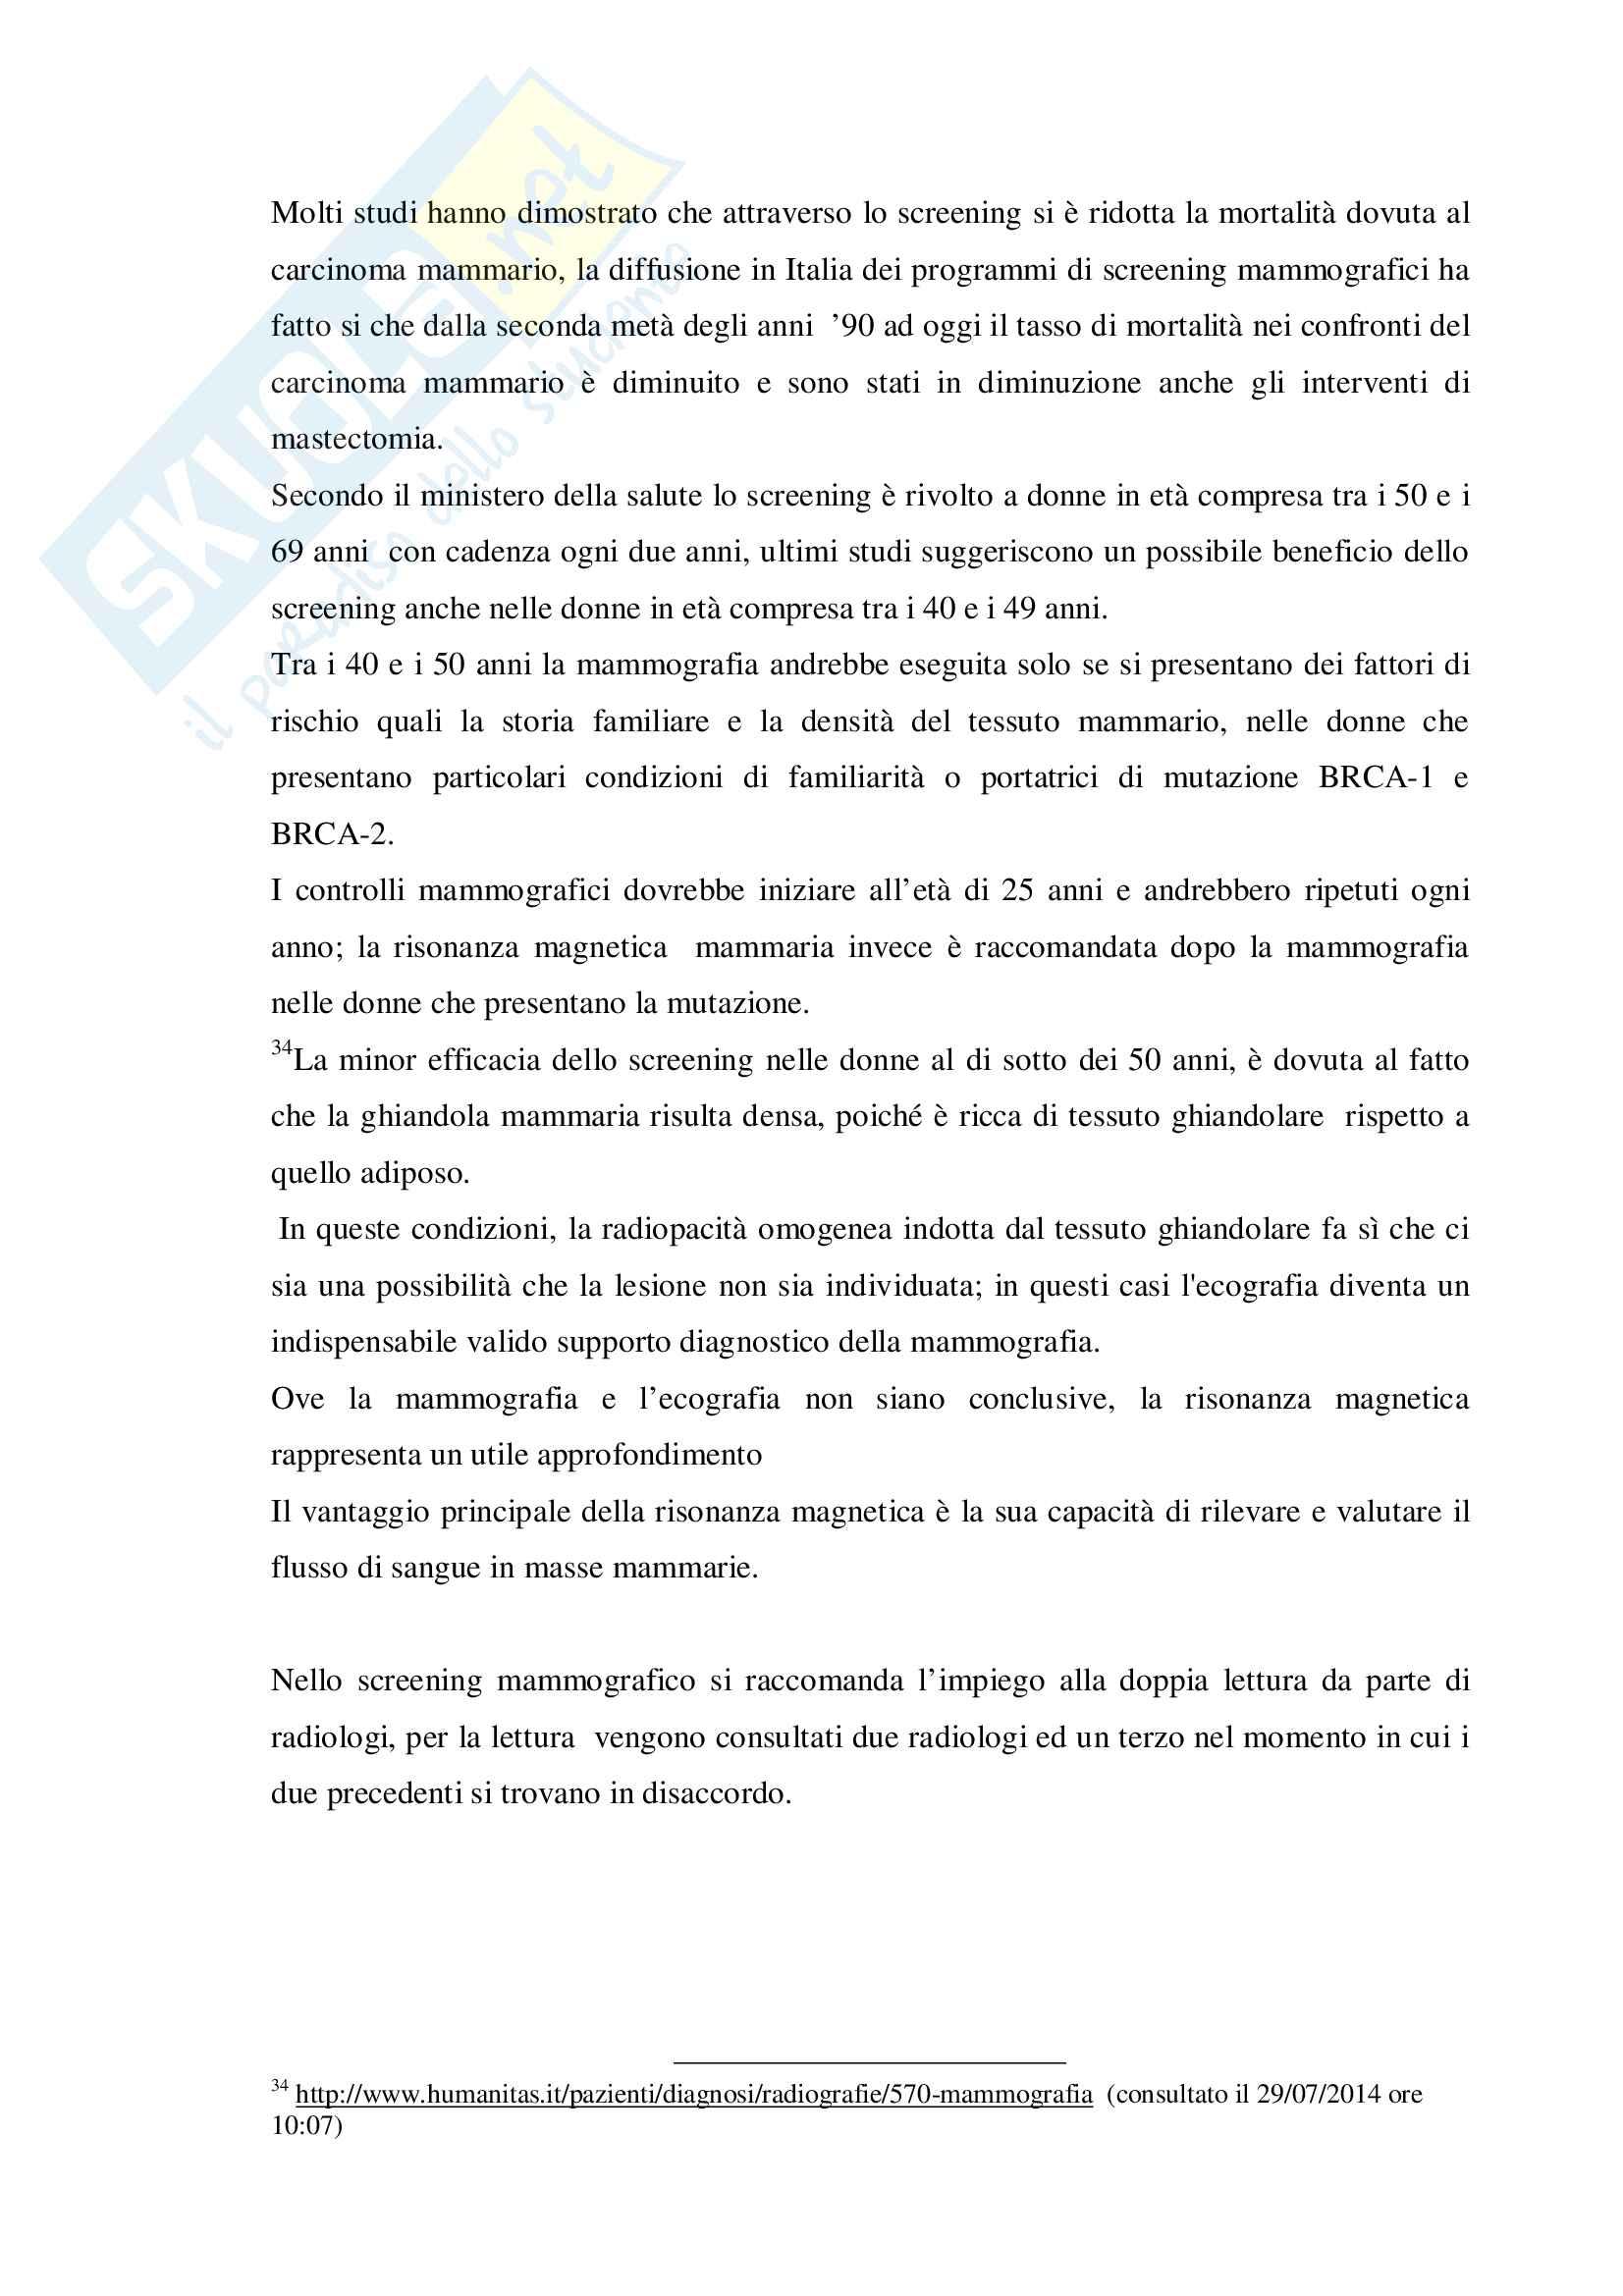 Tesi Ruolo dell'infermiere nella prevenzione oncologica femminile: l'autoesame del seno Pag. 31